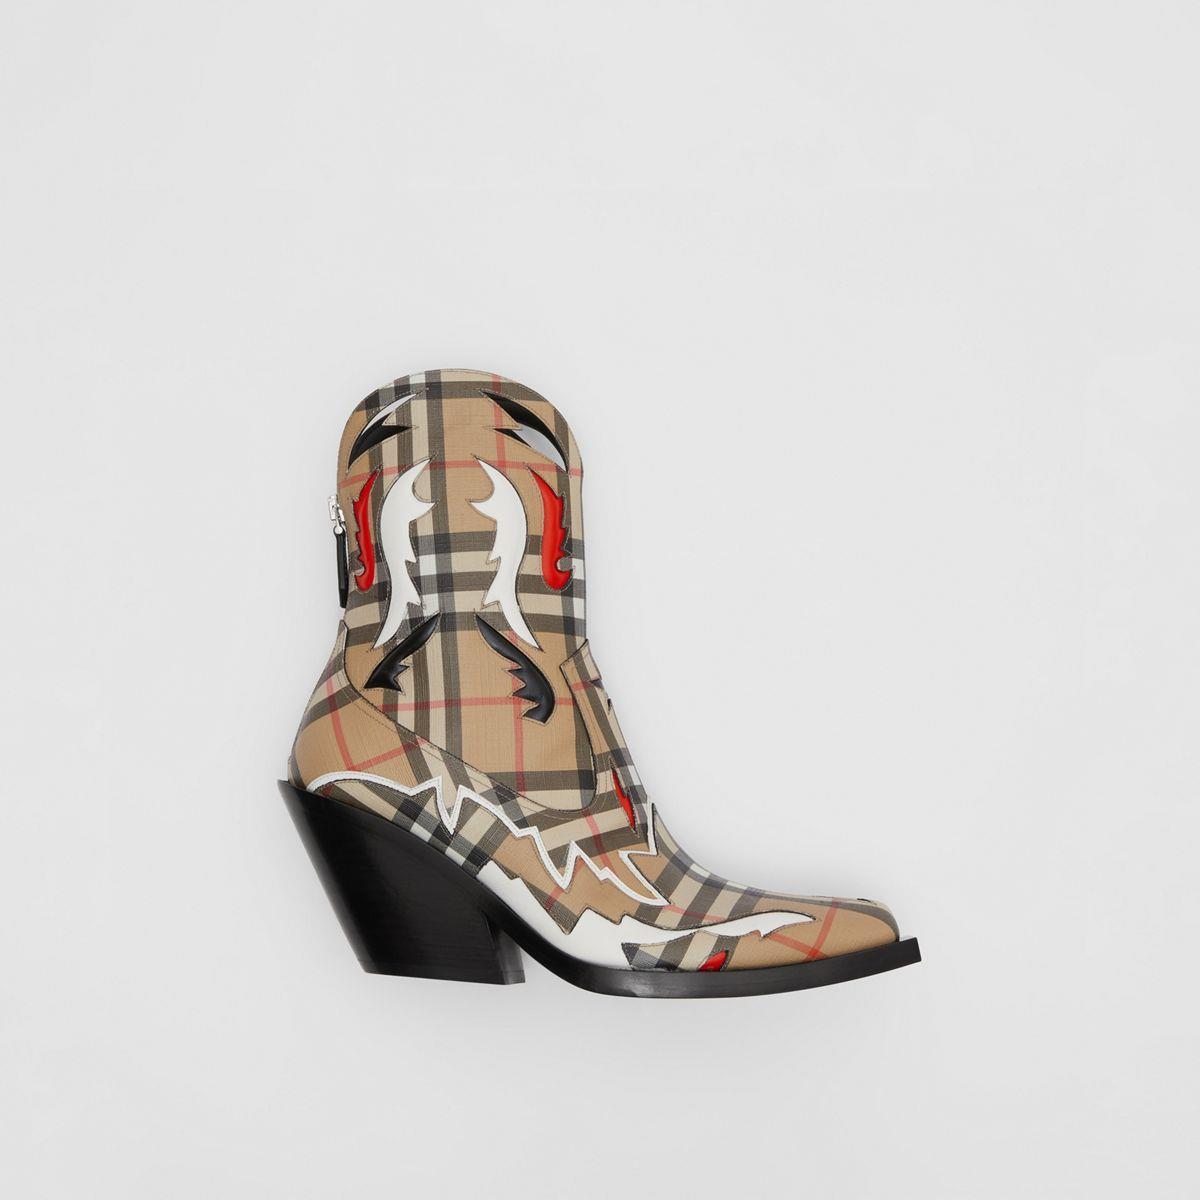 Topstitch Appliqué Vintage Check E-canvas Boots